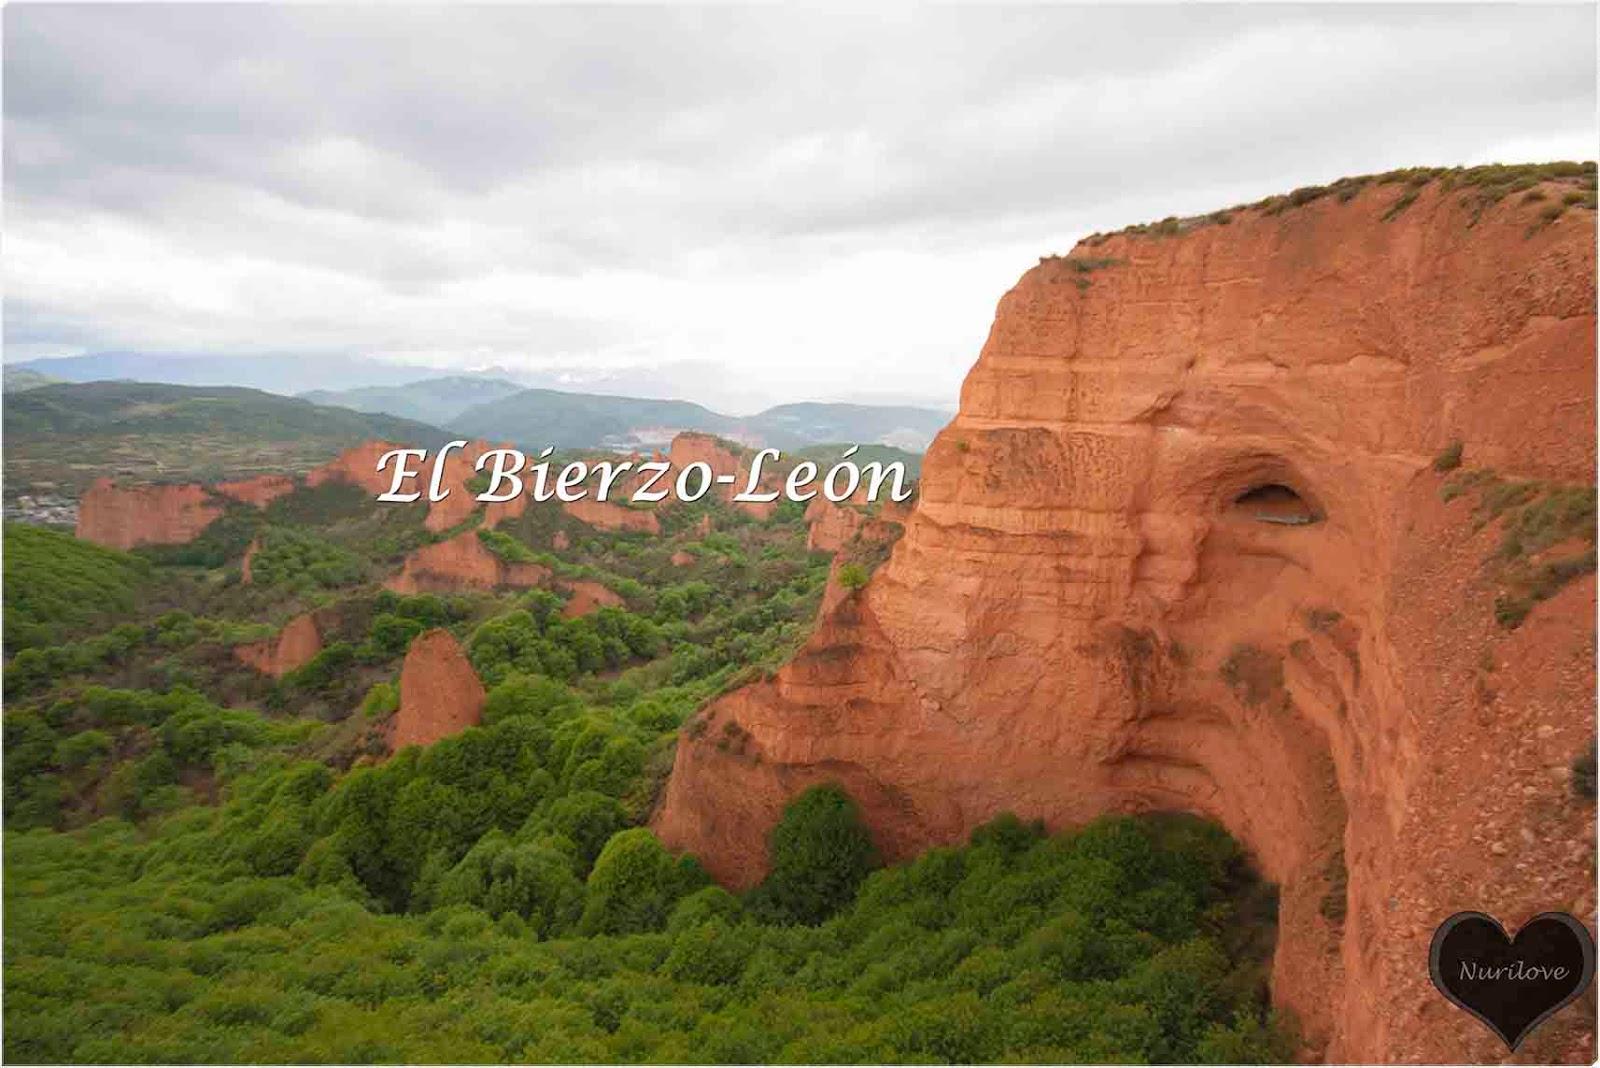 El Bierzo-León. Una bonita escapada de fin de semana